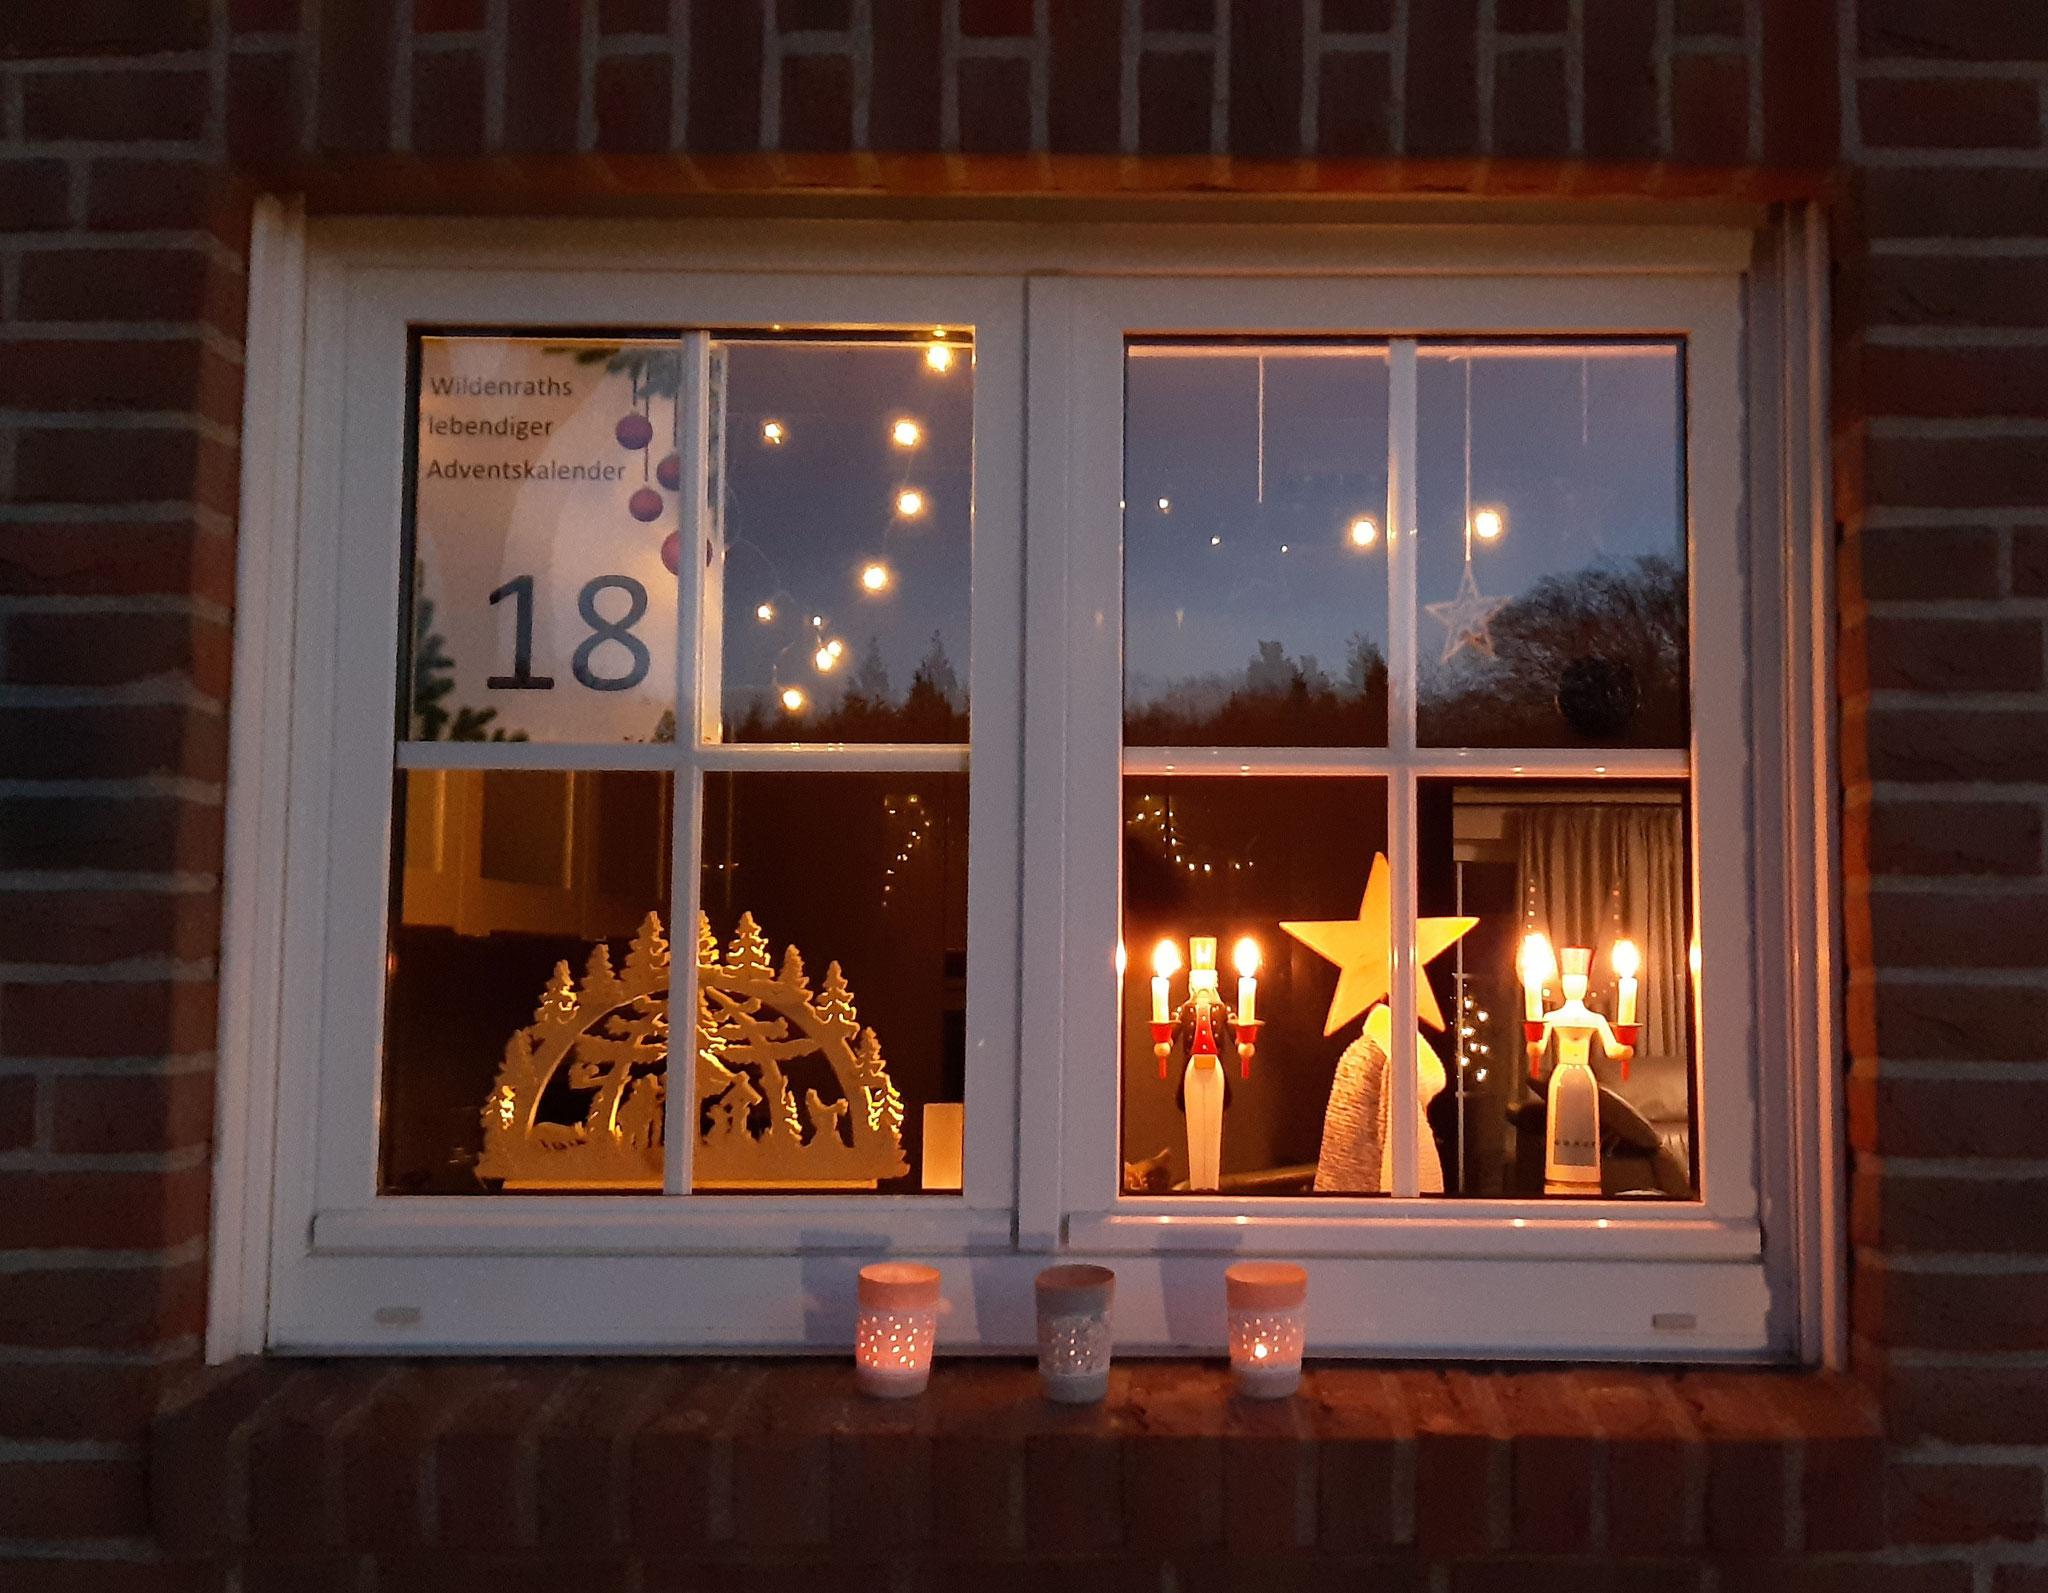 Adventsfenster Nr. 18